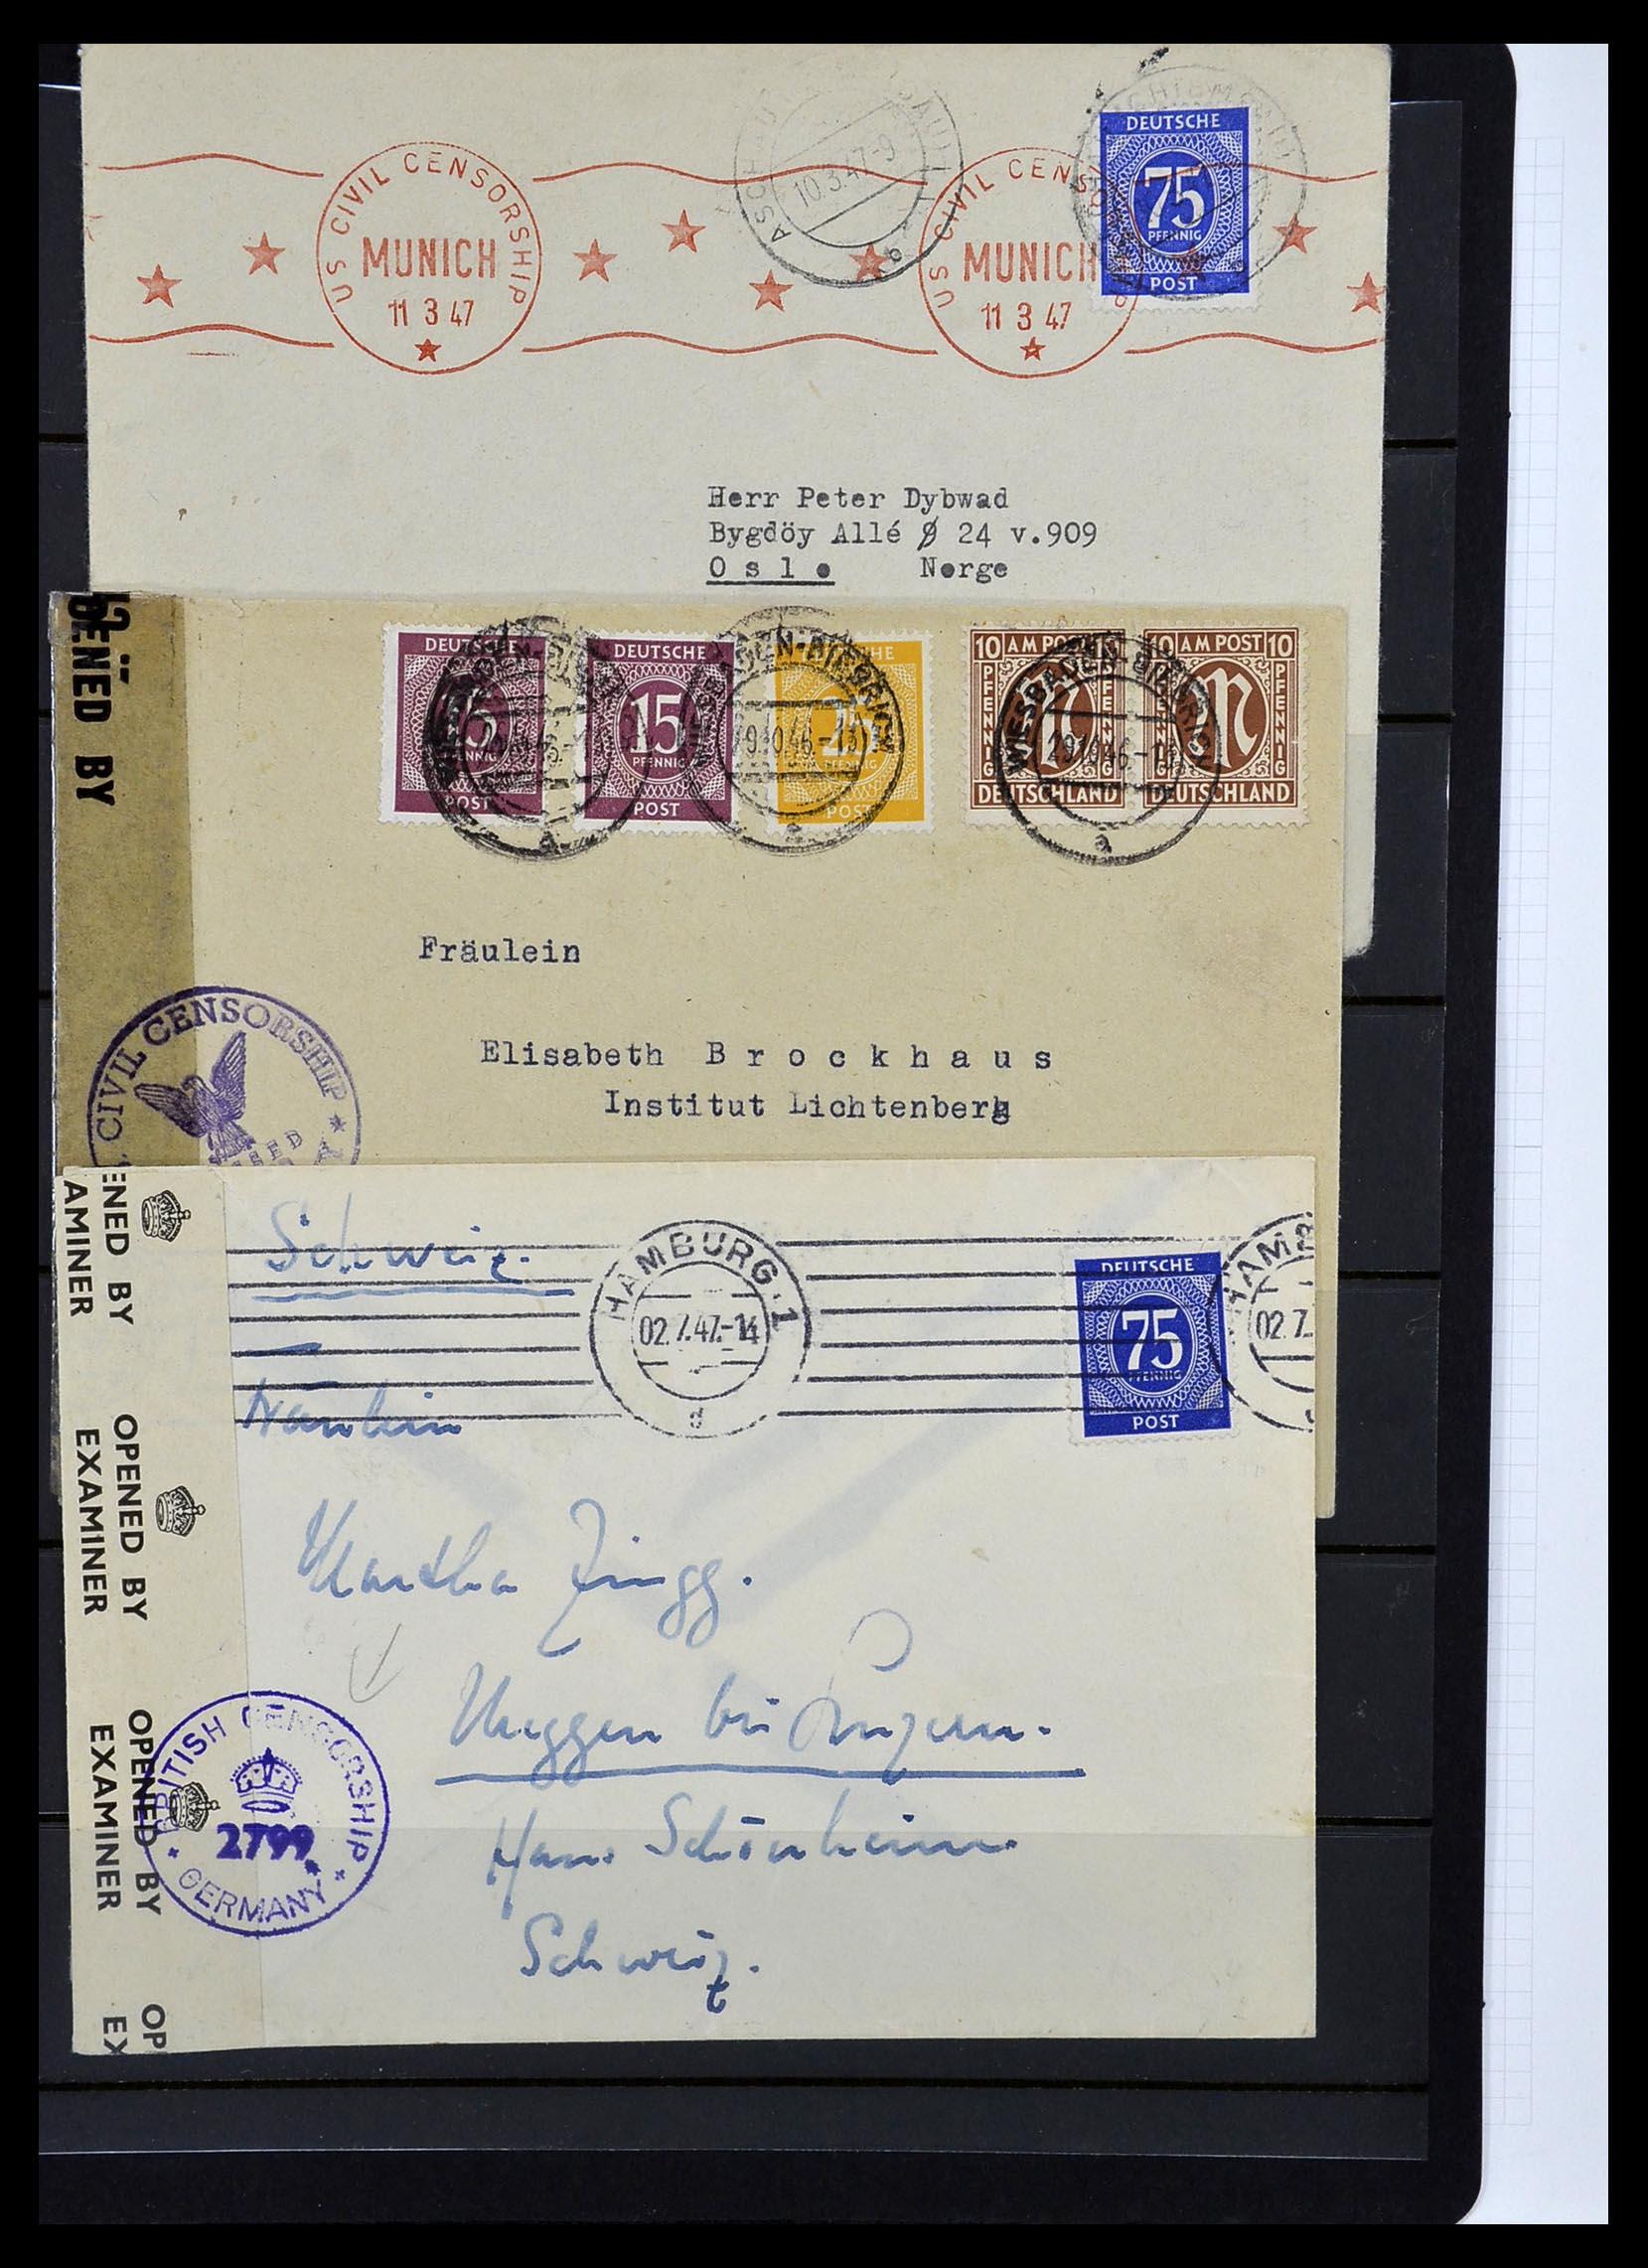 34032 007 - Postzegelverzameling 34032 Duitse Zones 1945-1948.